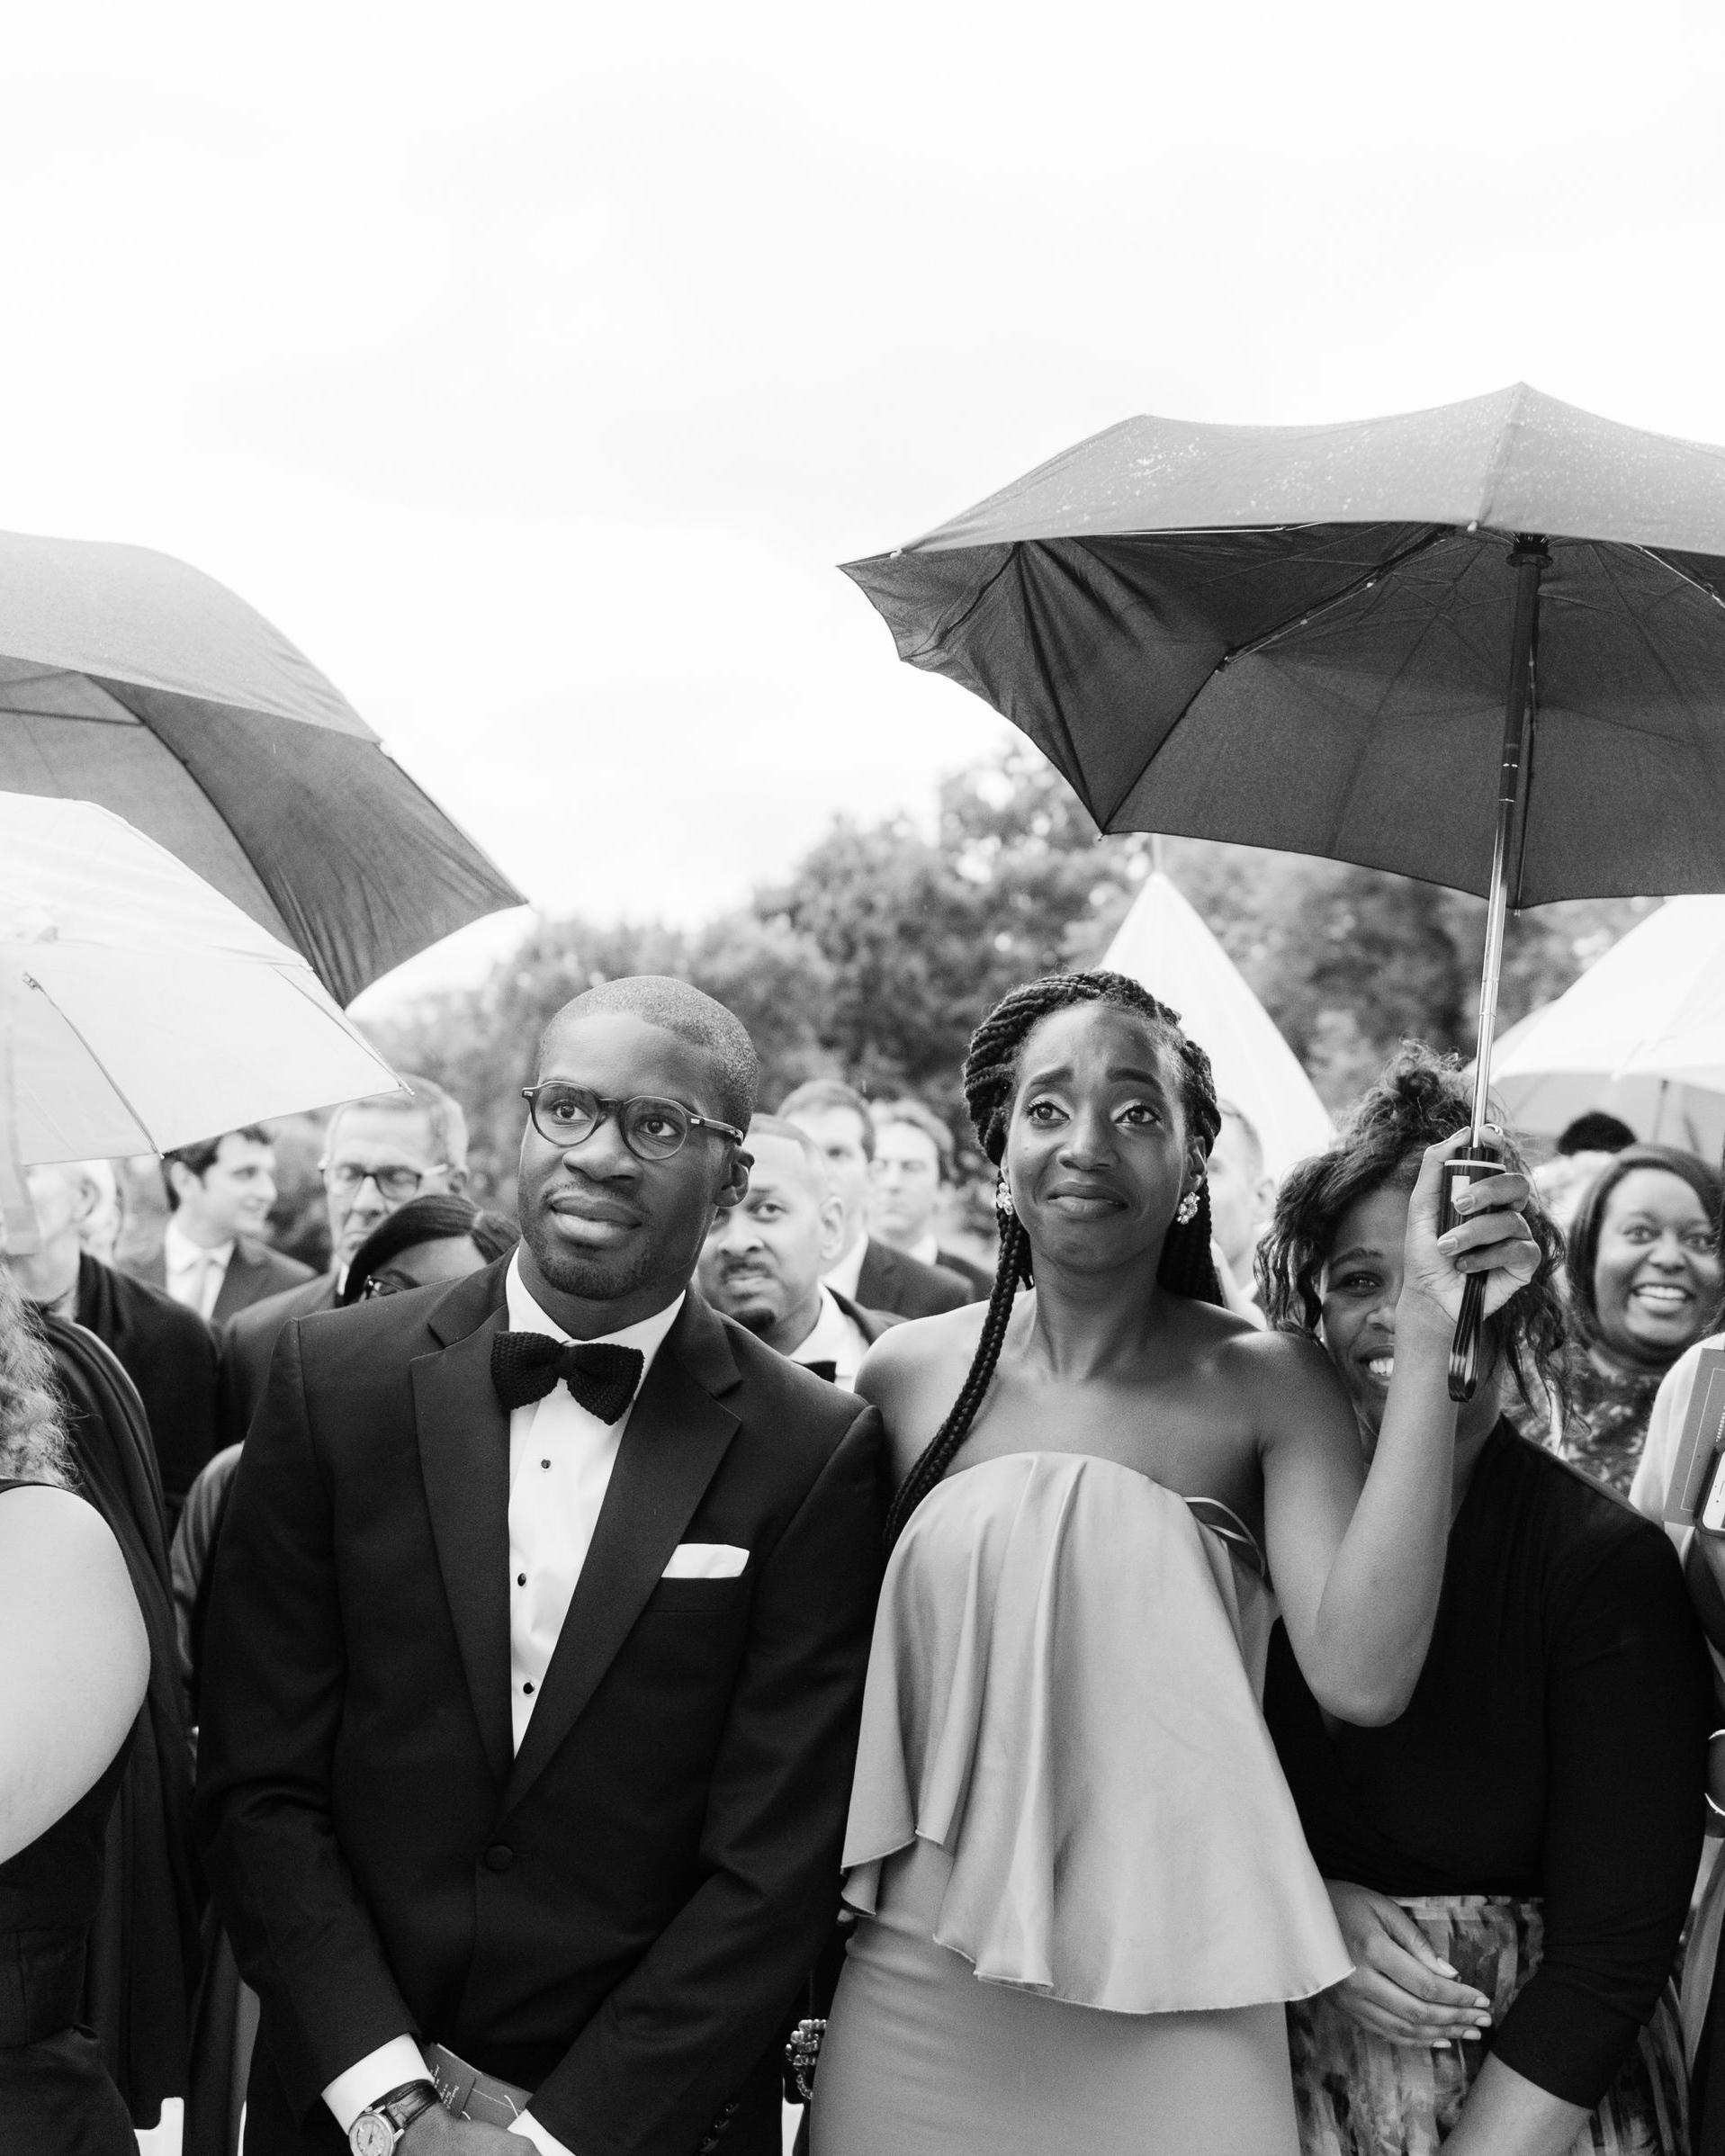 melissa justen wedding ceremony guests rain umbrellas